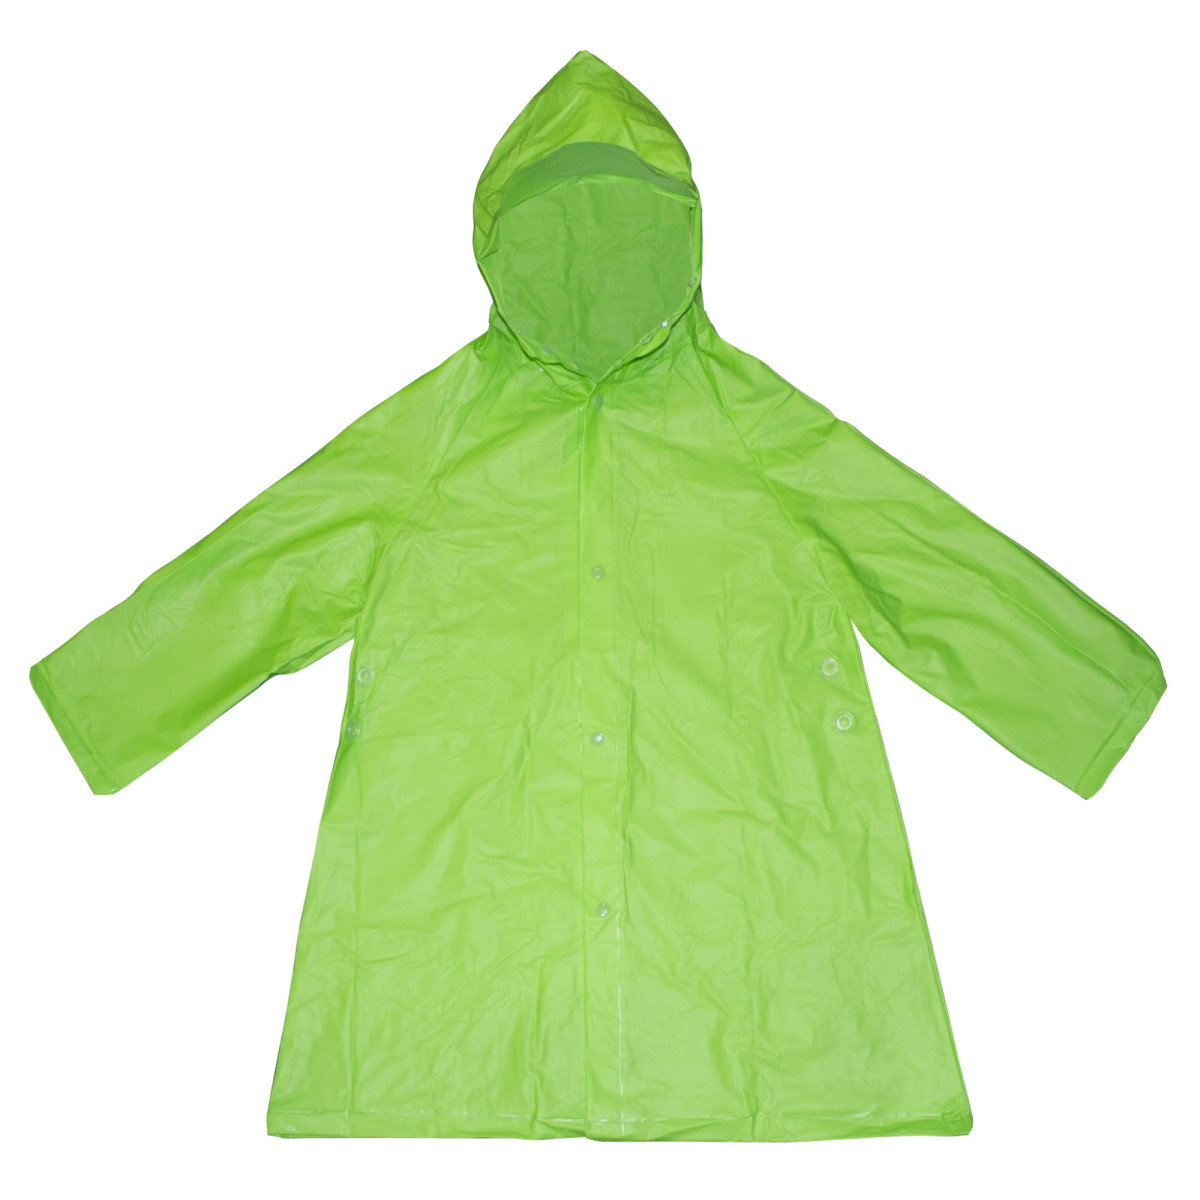 Плащ-дождевик детский размер S цвет зеленый